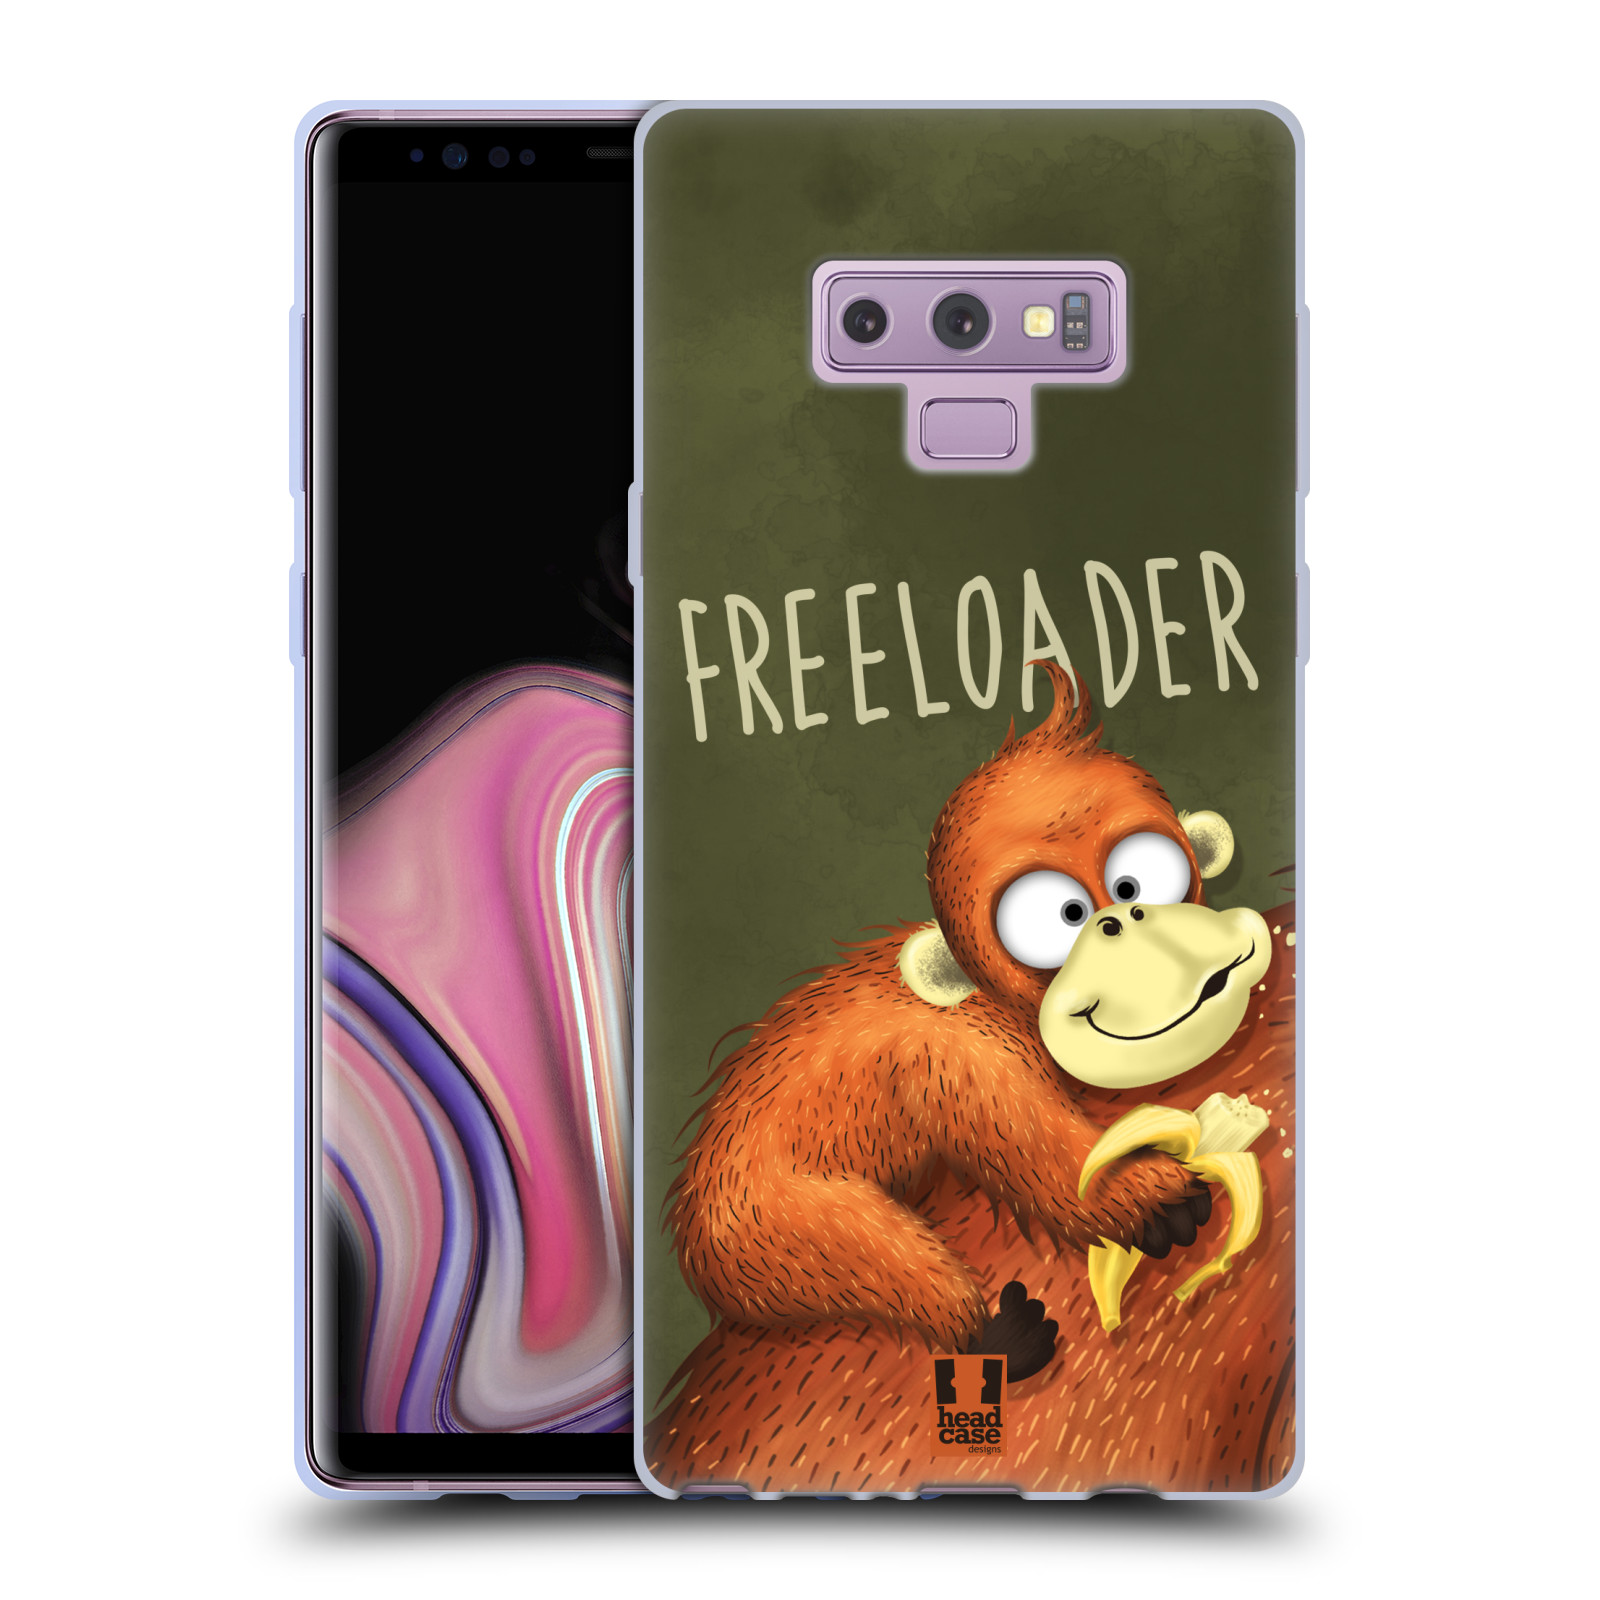 Silikonové pouzdro na mobil Samsung Galaxy Note 9 - Head Case - Opičák Freeloader